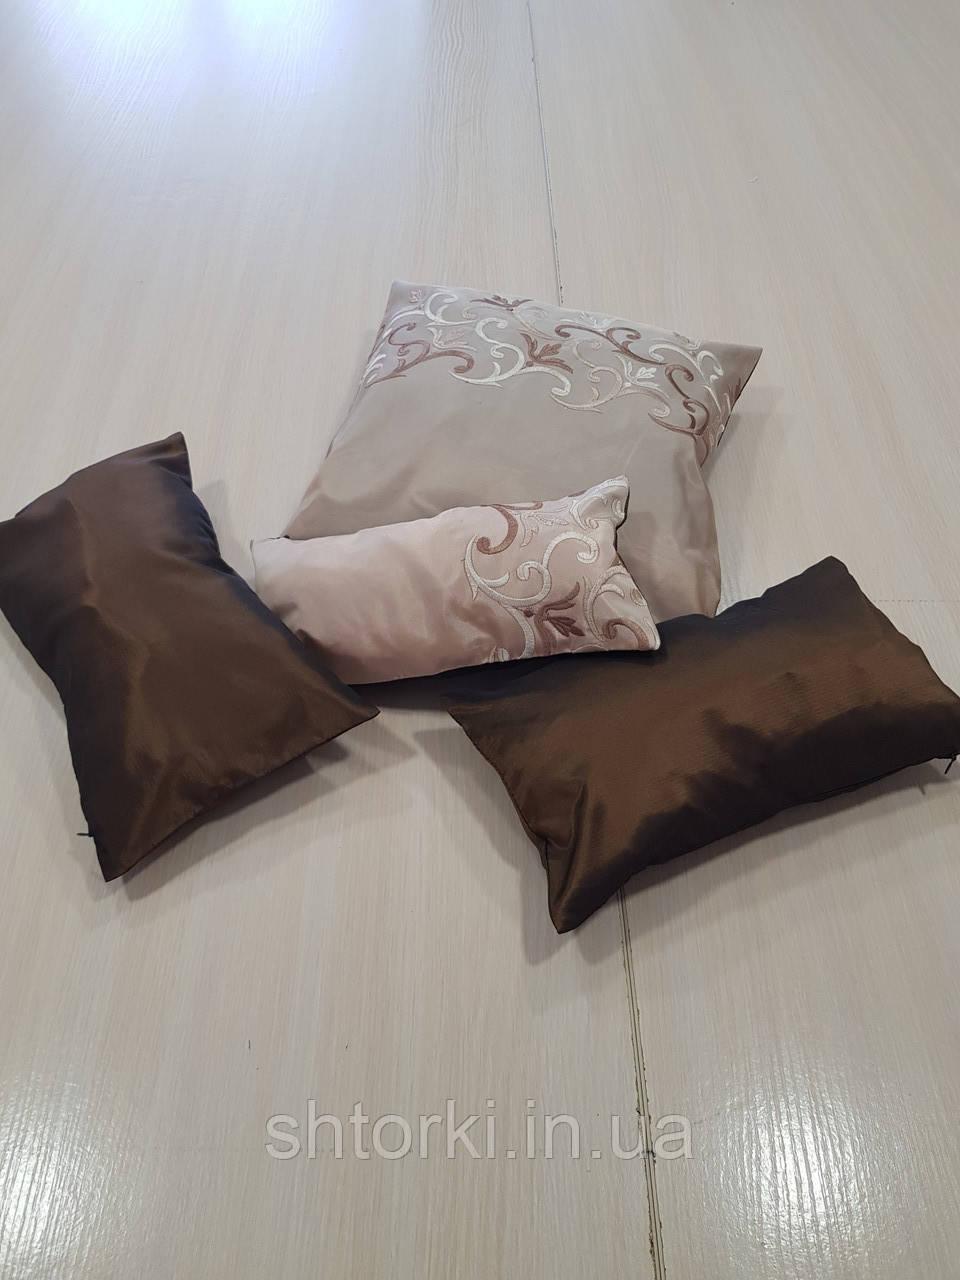 Комплект подушек шоколадные и бежевые с горизонтальным узором, 4шт